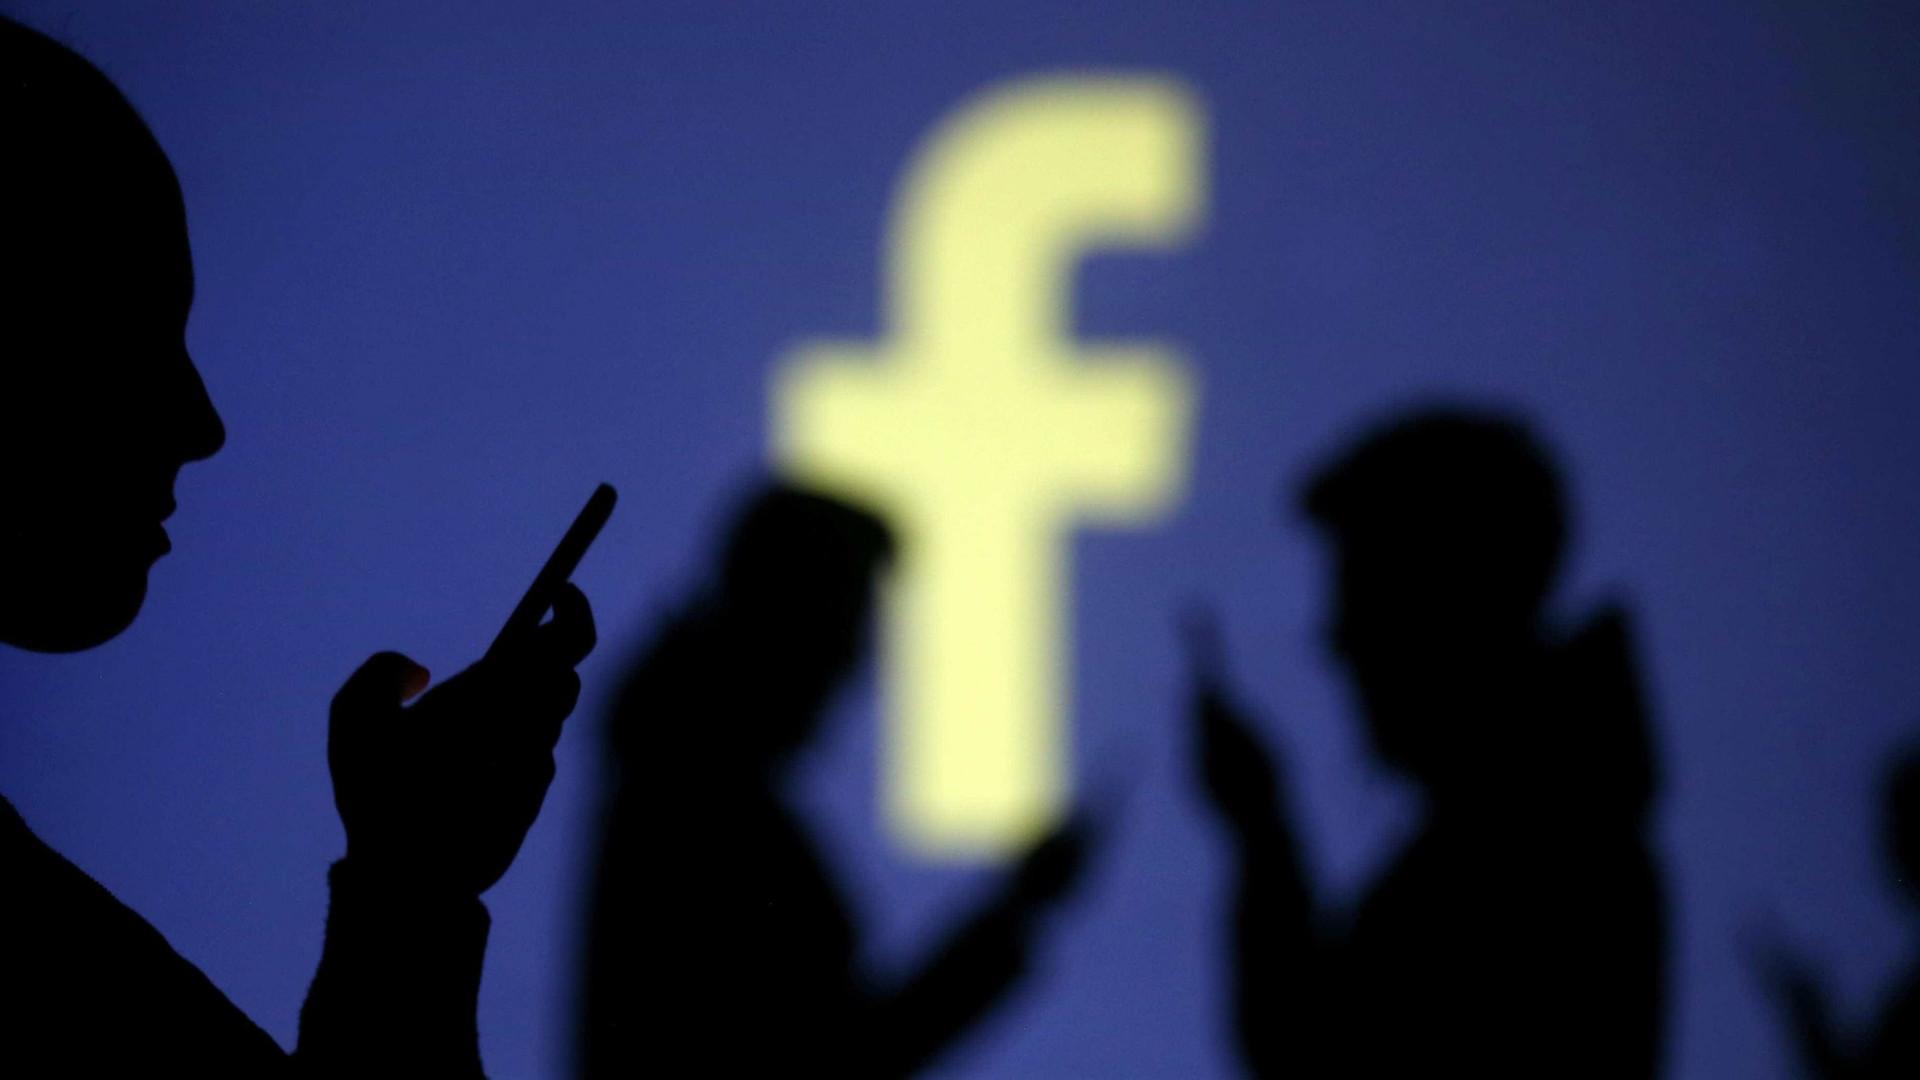 Ataque ao Facebook não comprometeu dados de aplicações